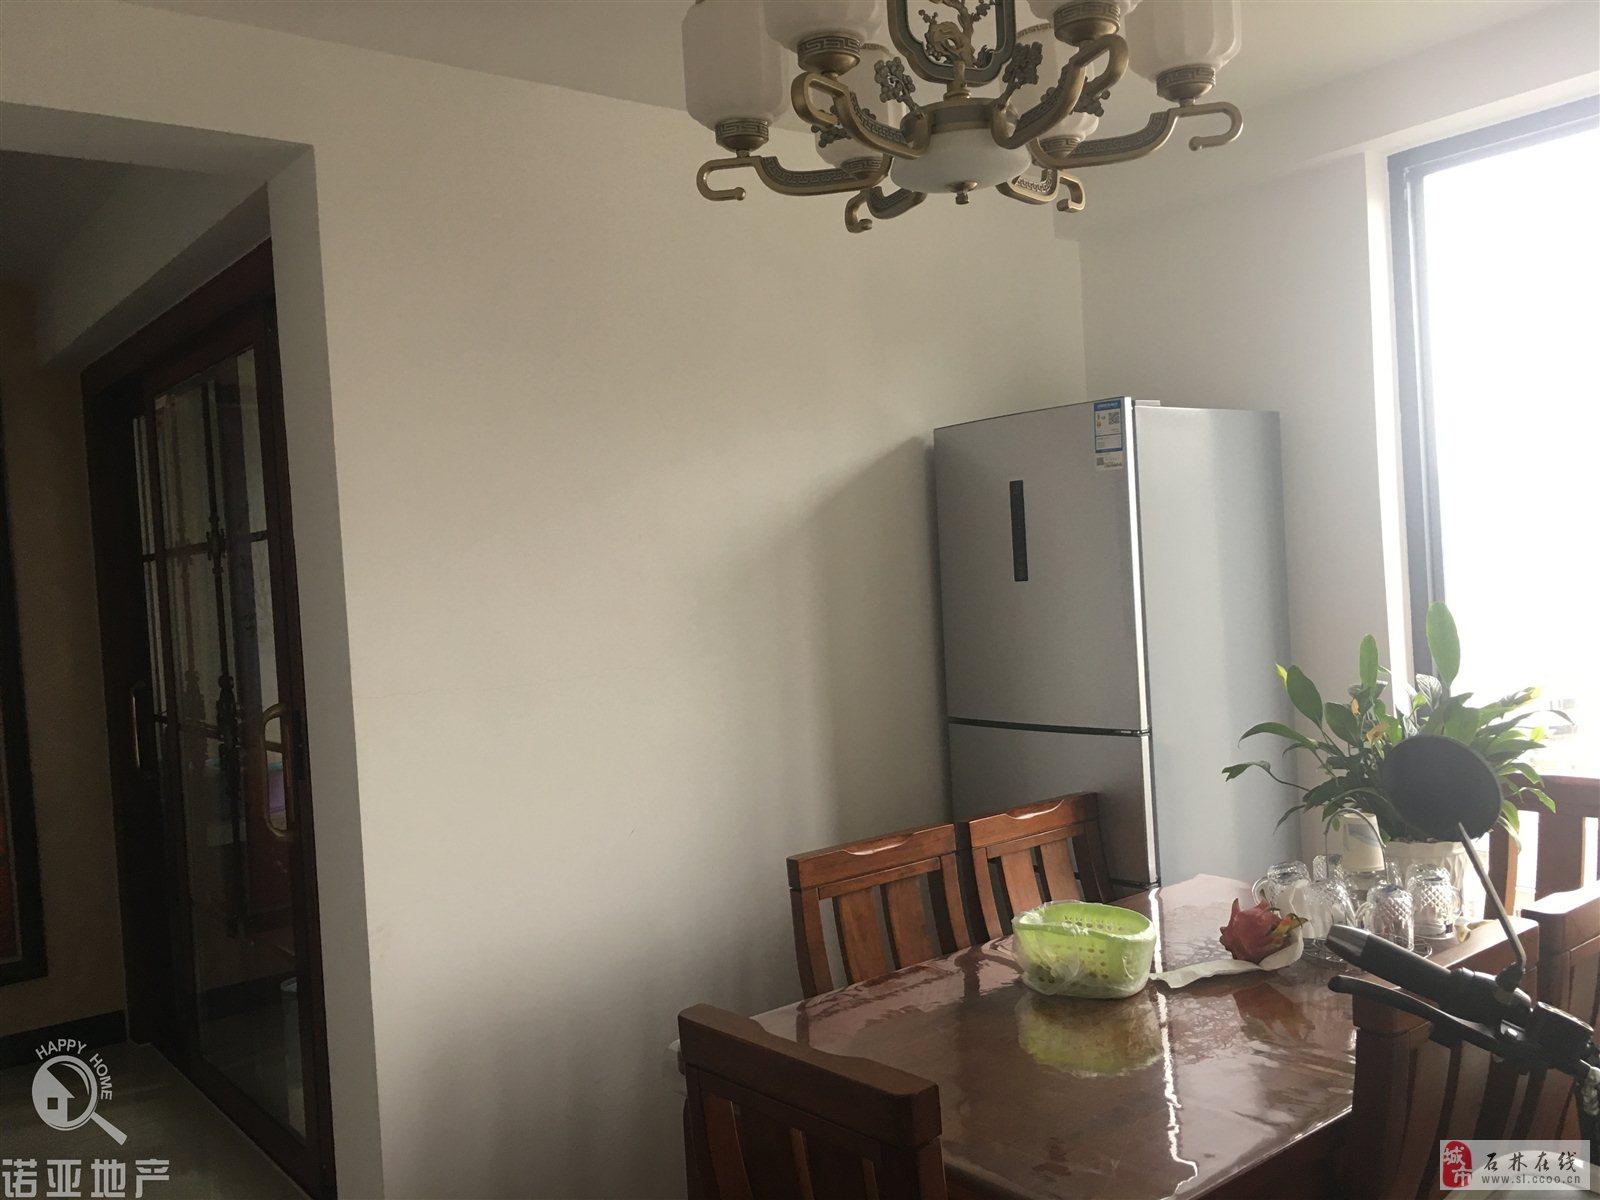 世纪阳光二期112平米精装3室2厅1卫59万元